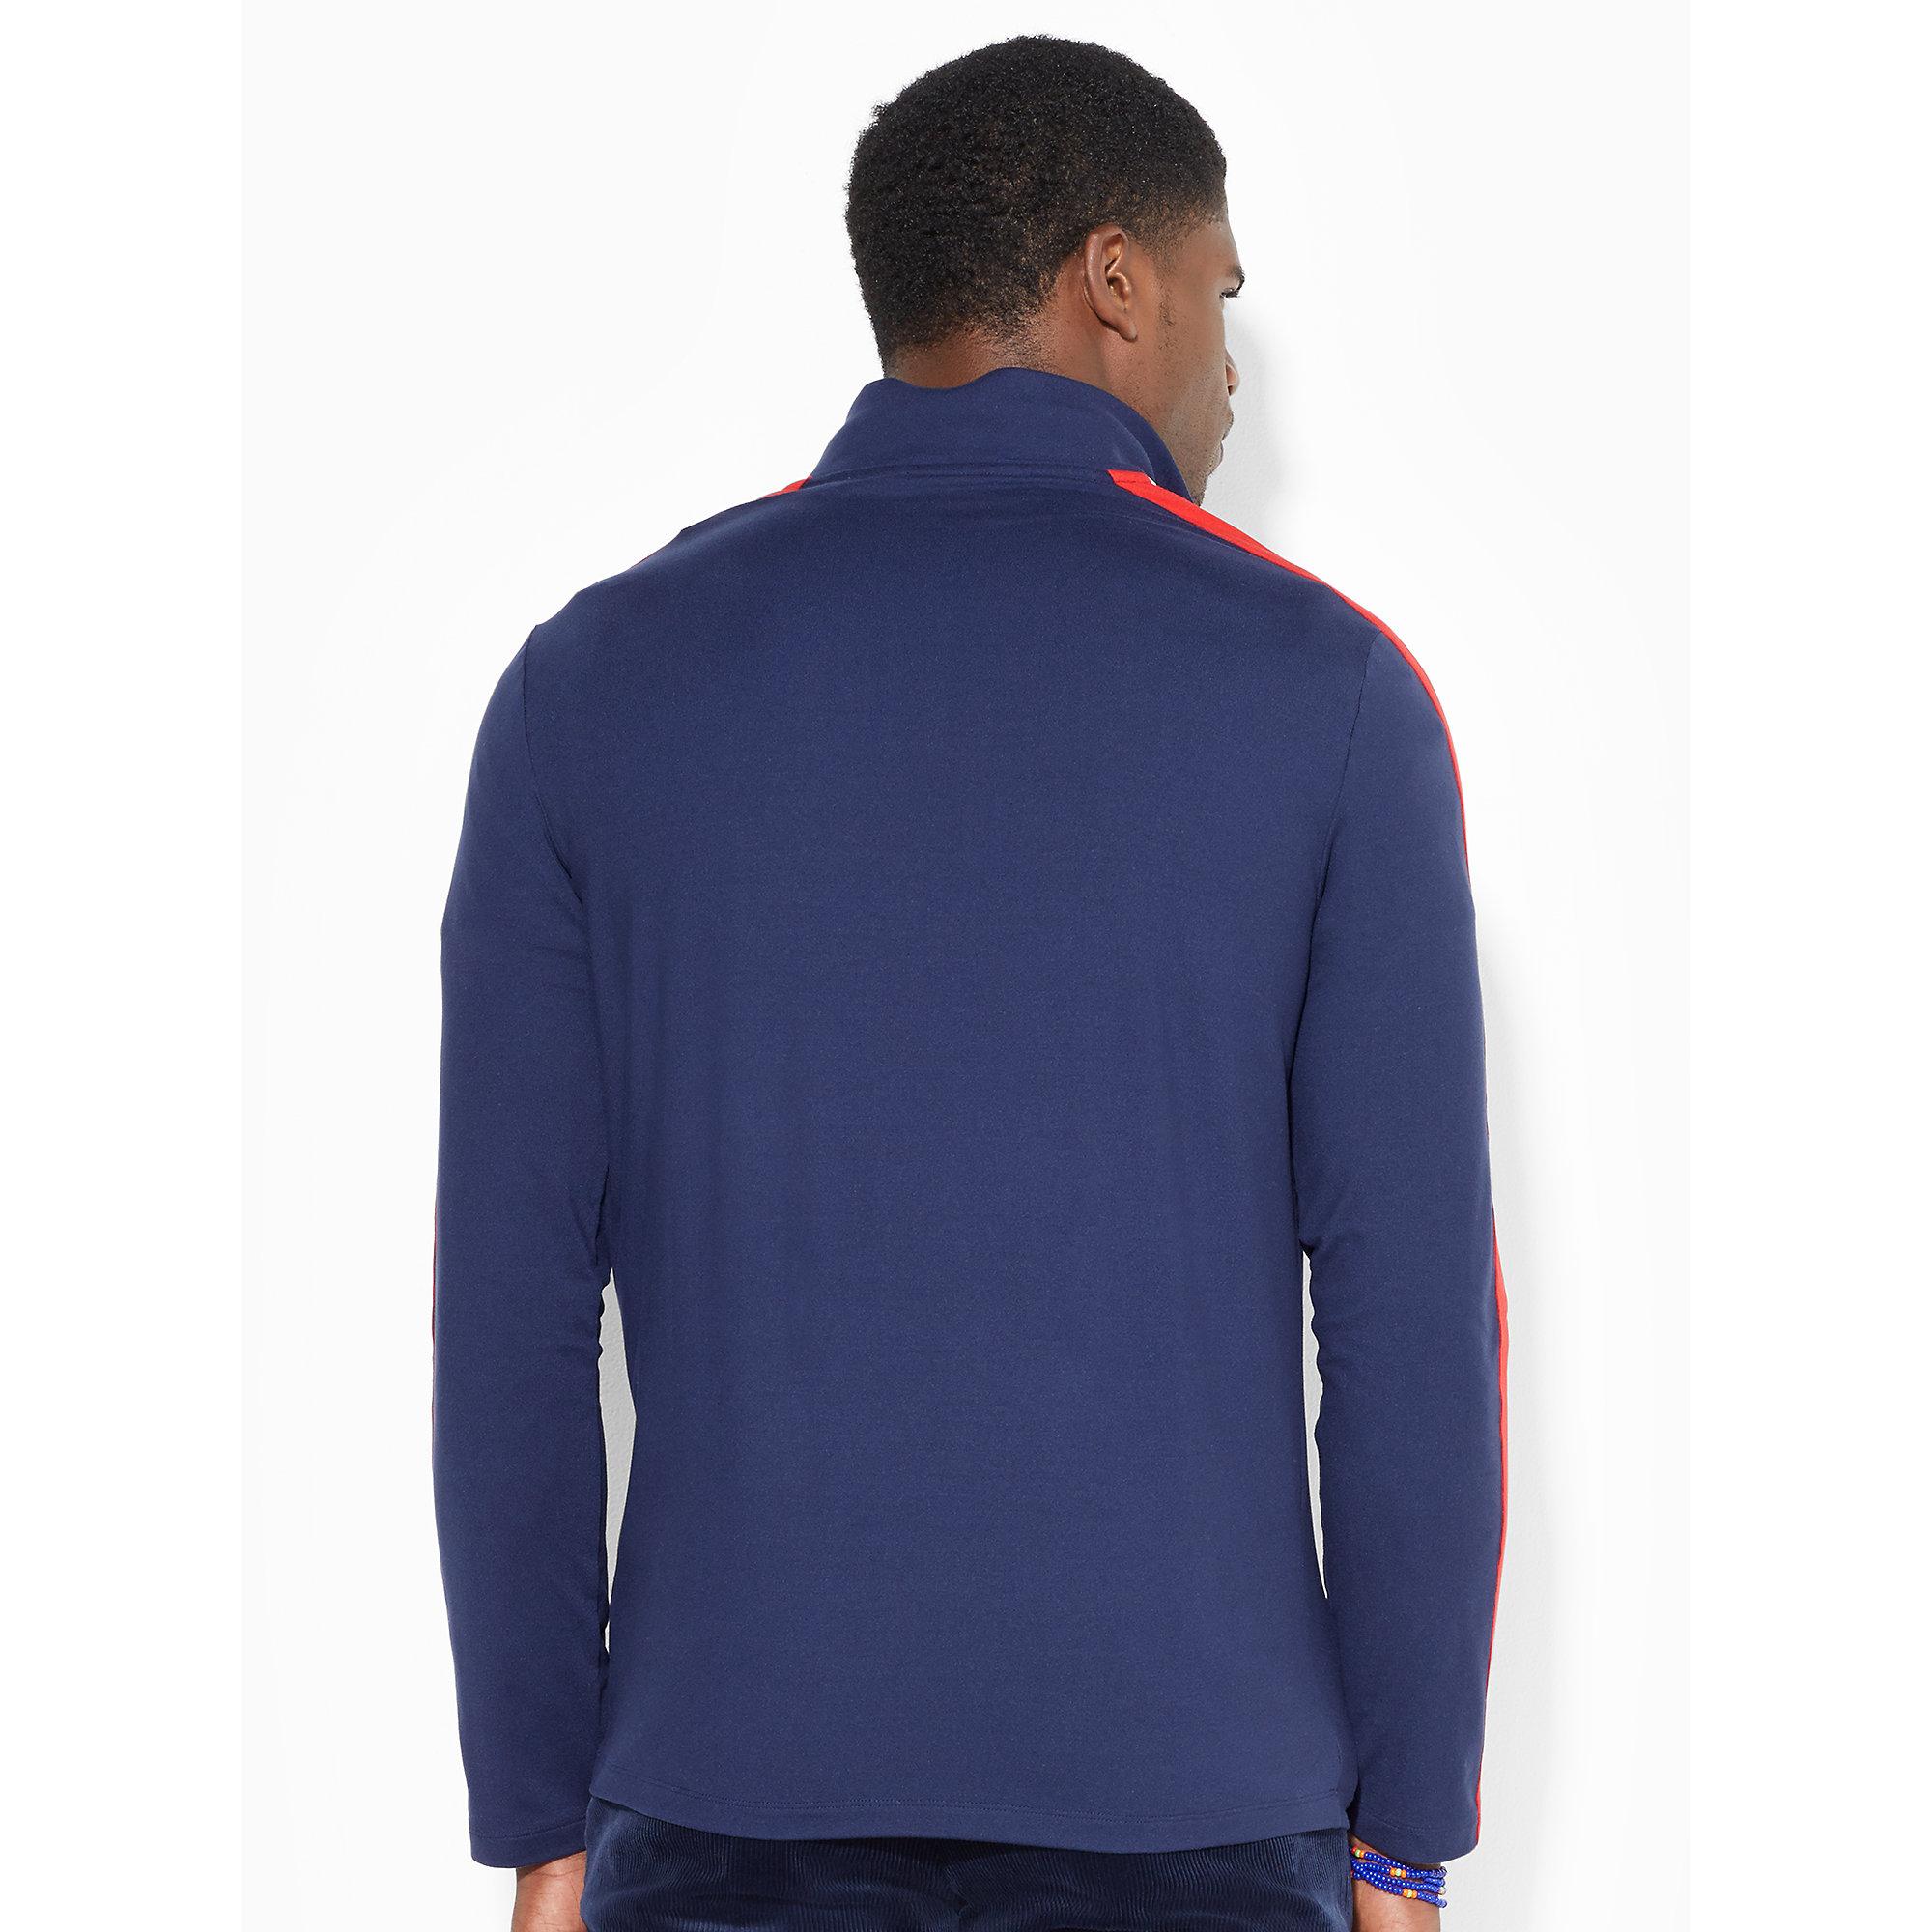 ralph lauren ryder cup jersey pullover in blue for men navy lyst. Black Bedroom Furniture Sets. Home Design Ideas